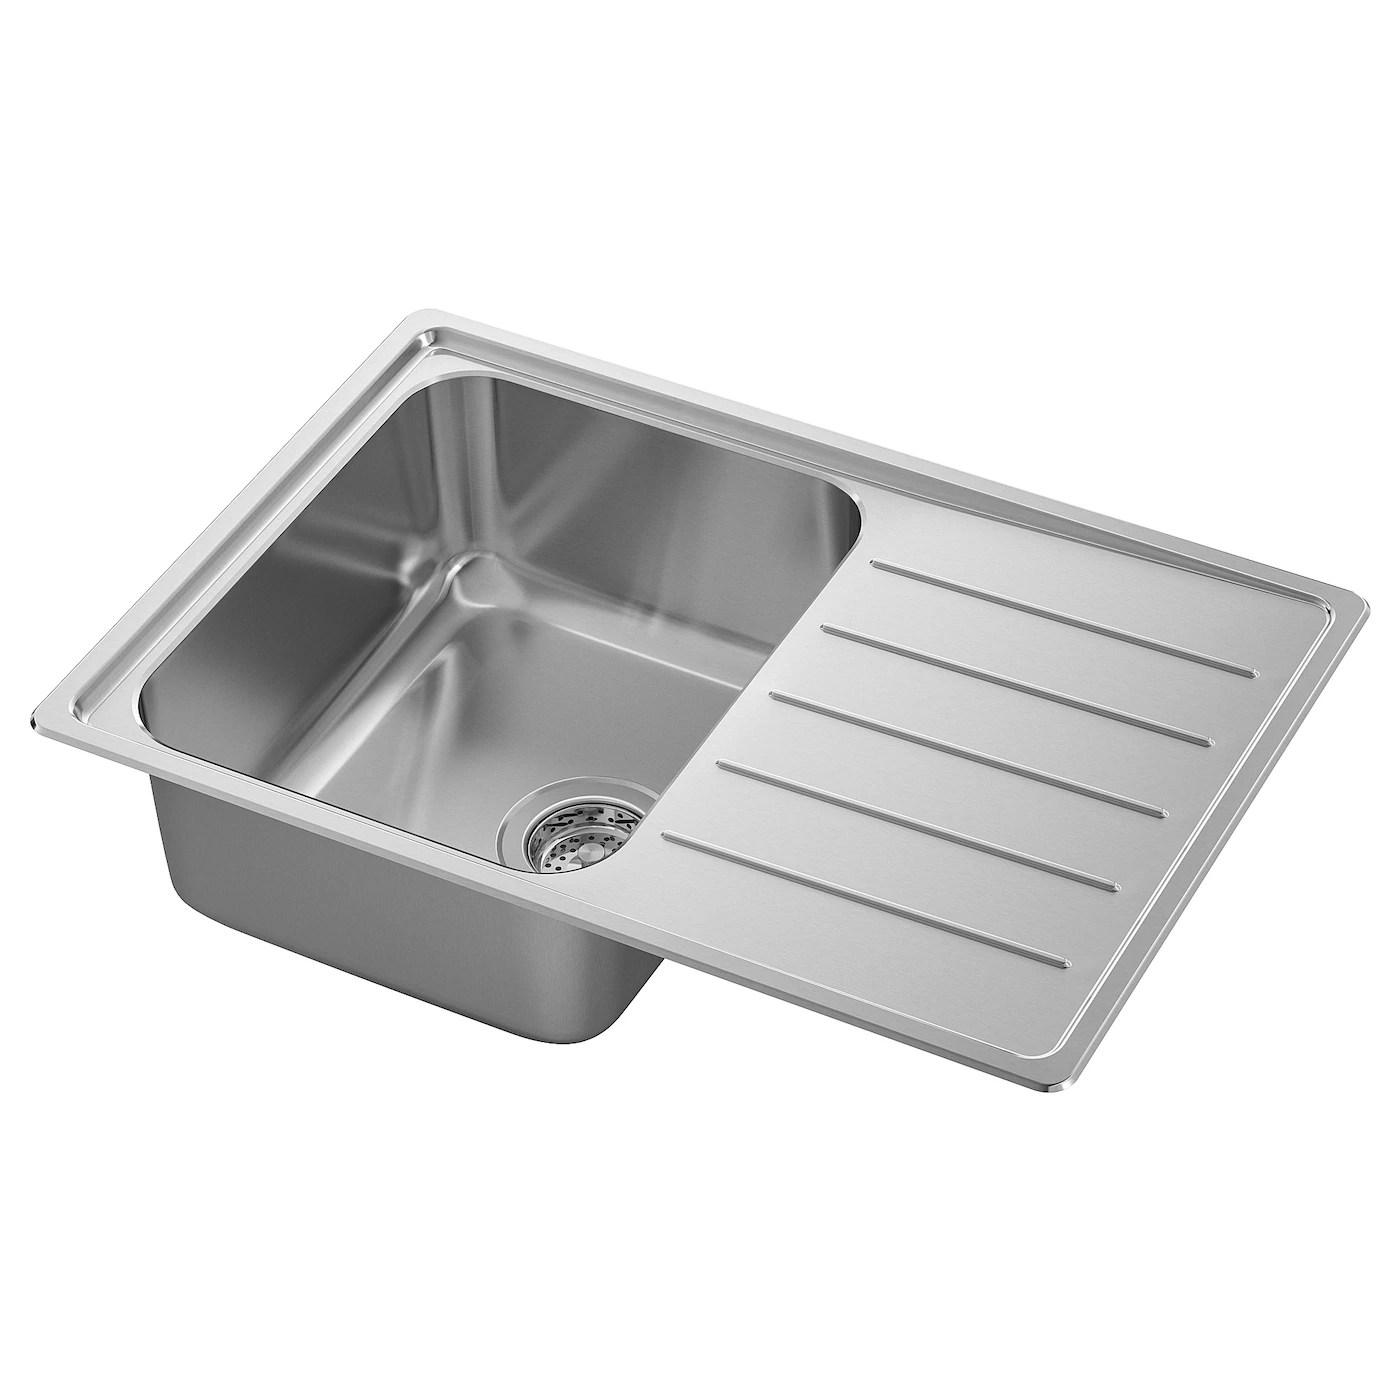 vattudalen single bowl top mount sink stainless steel 27 1 8x18 1 2